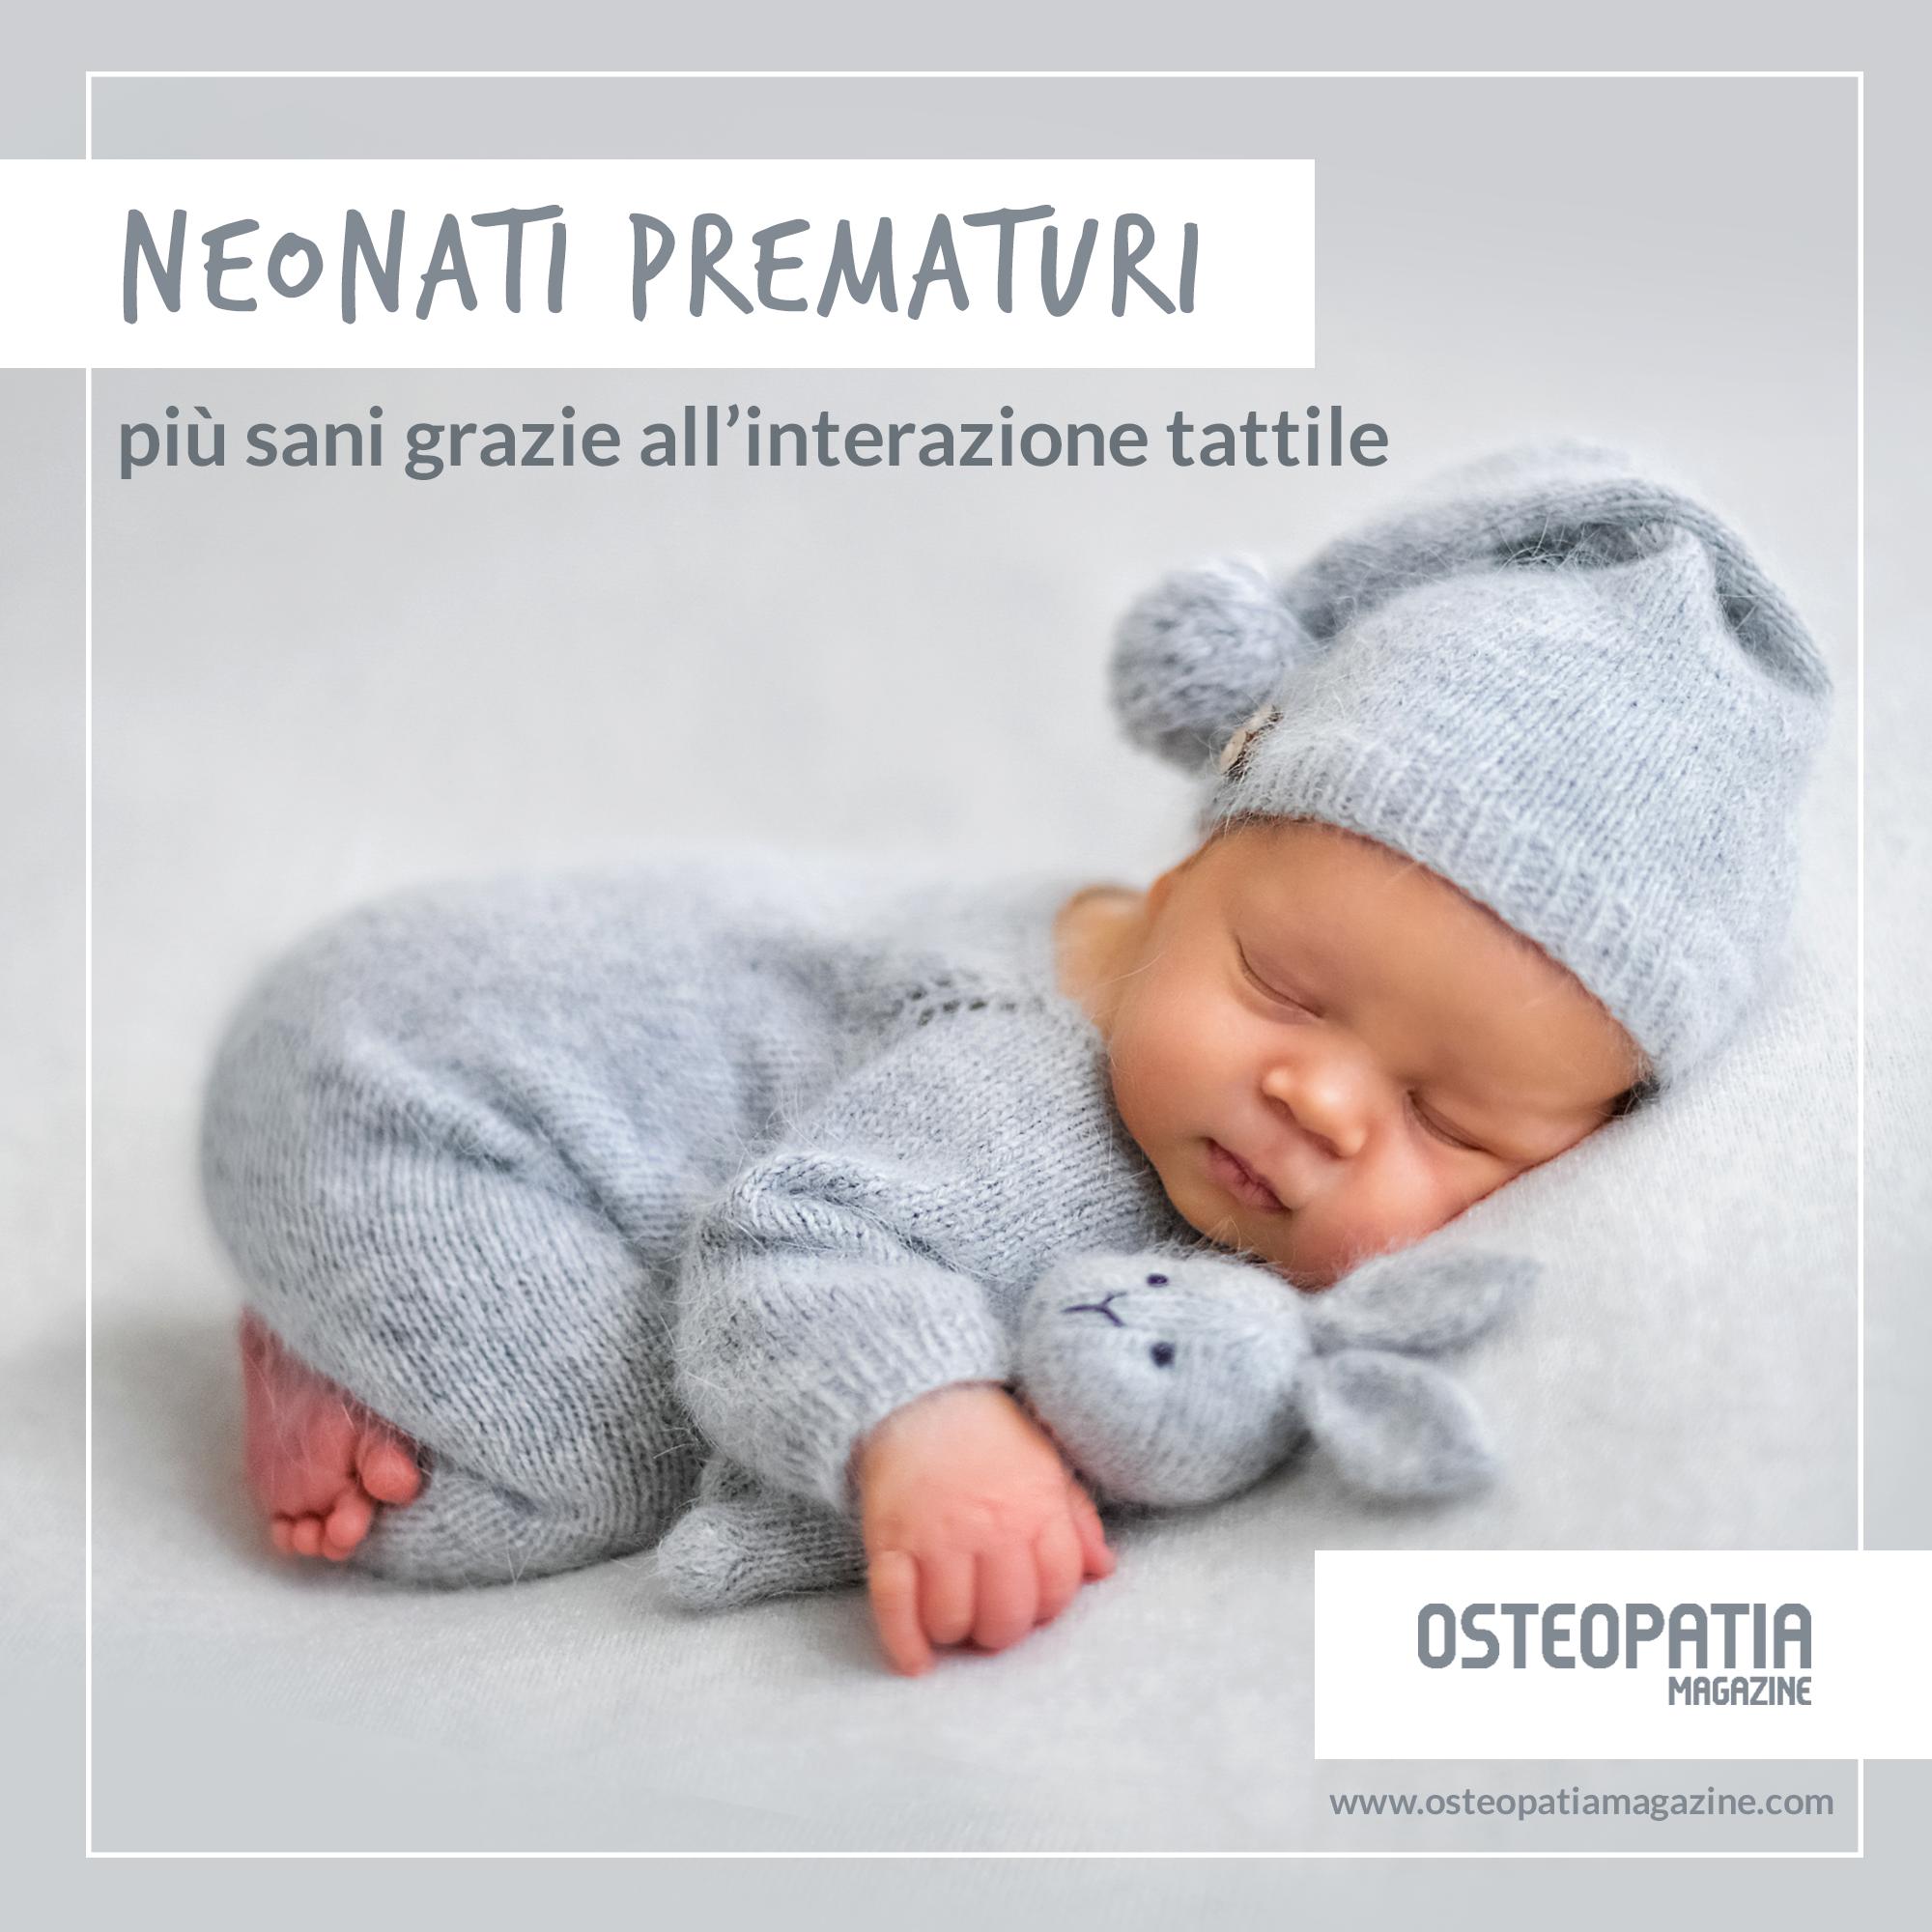 neonati-prematuri-osteopatia-magazine